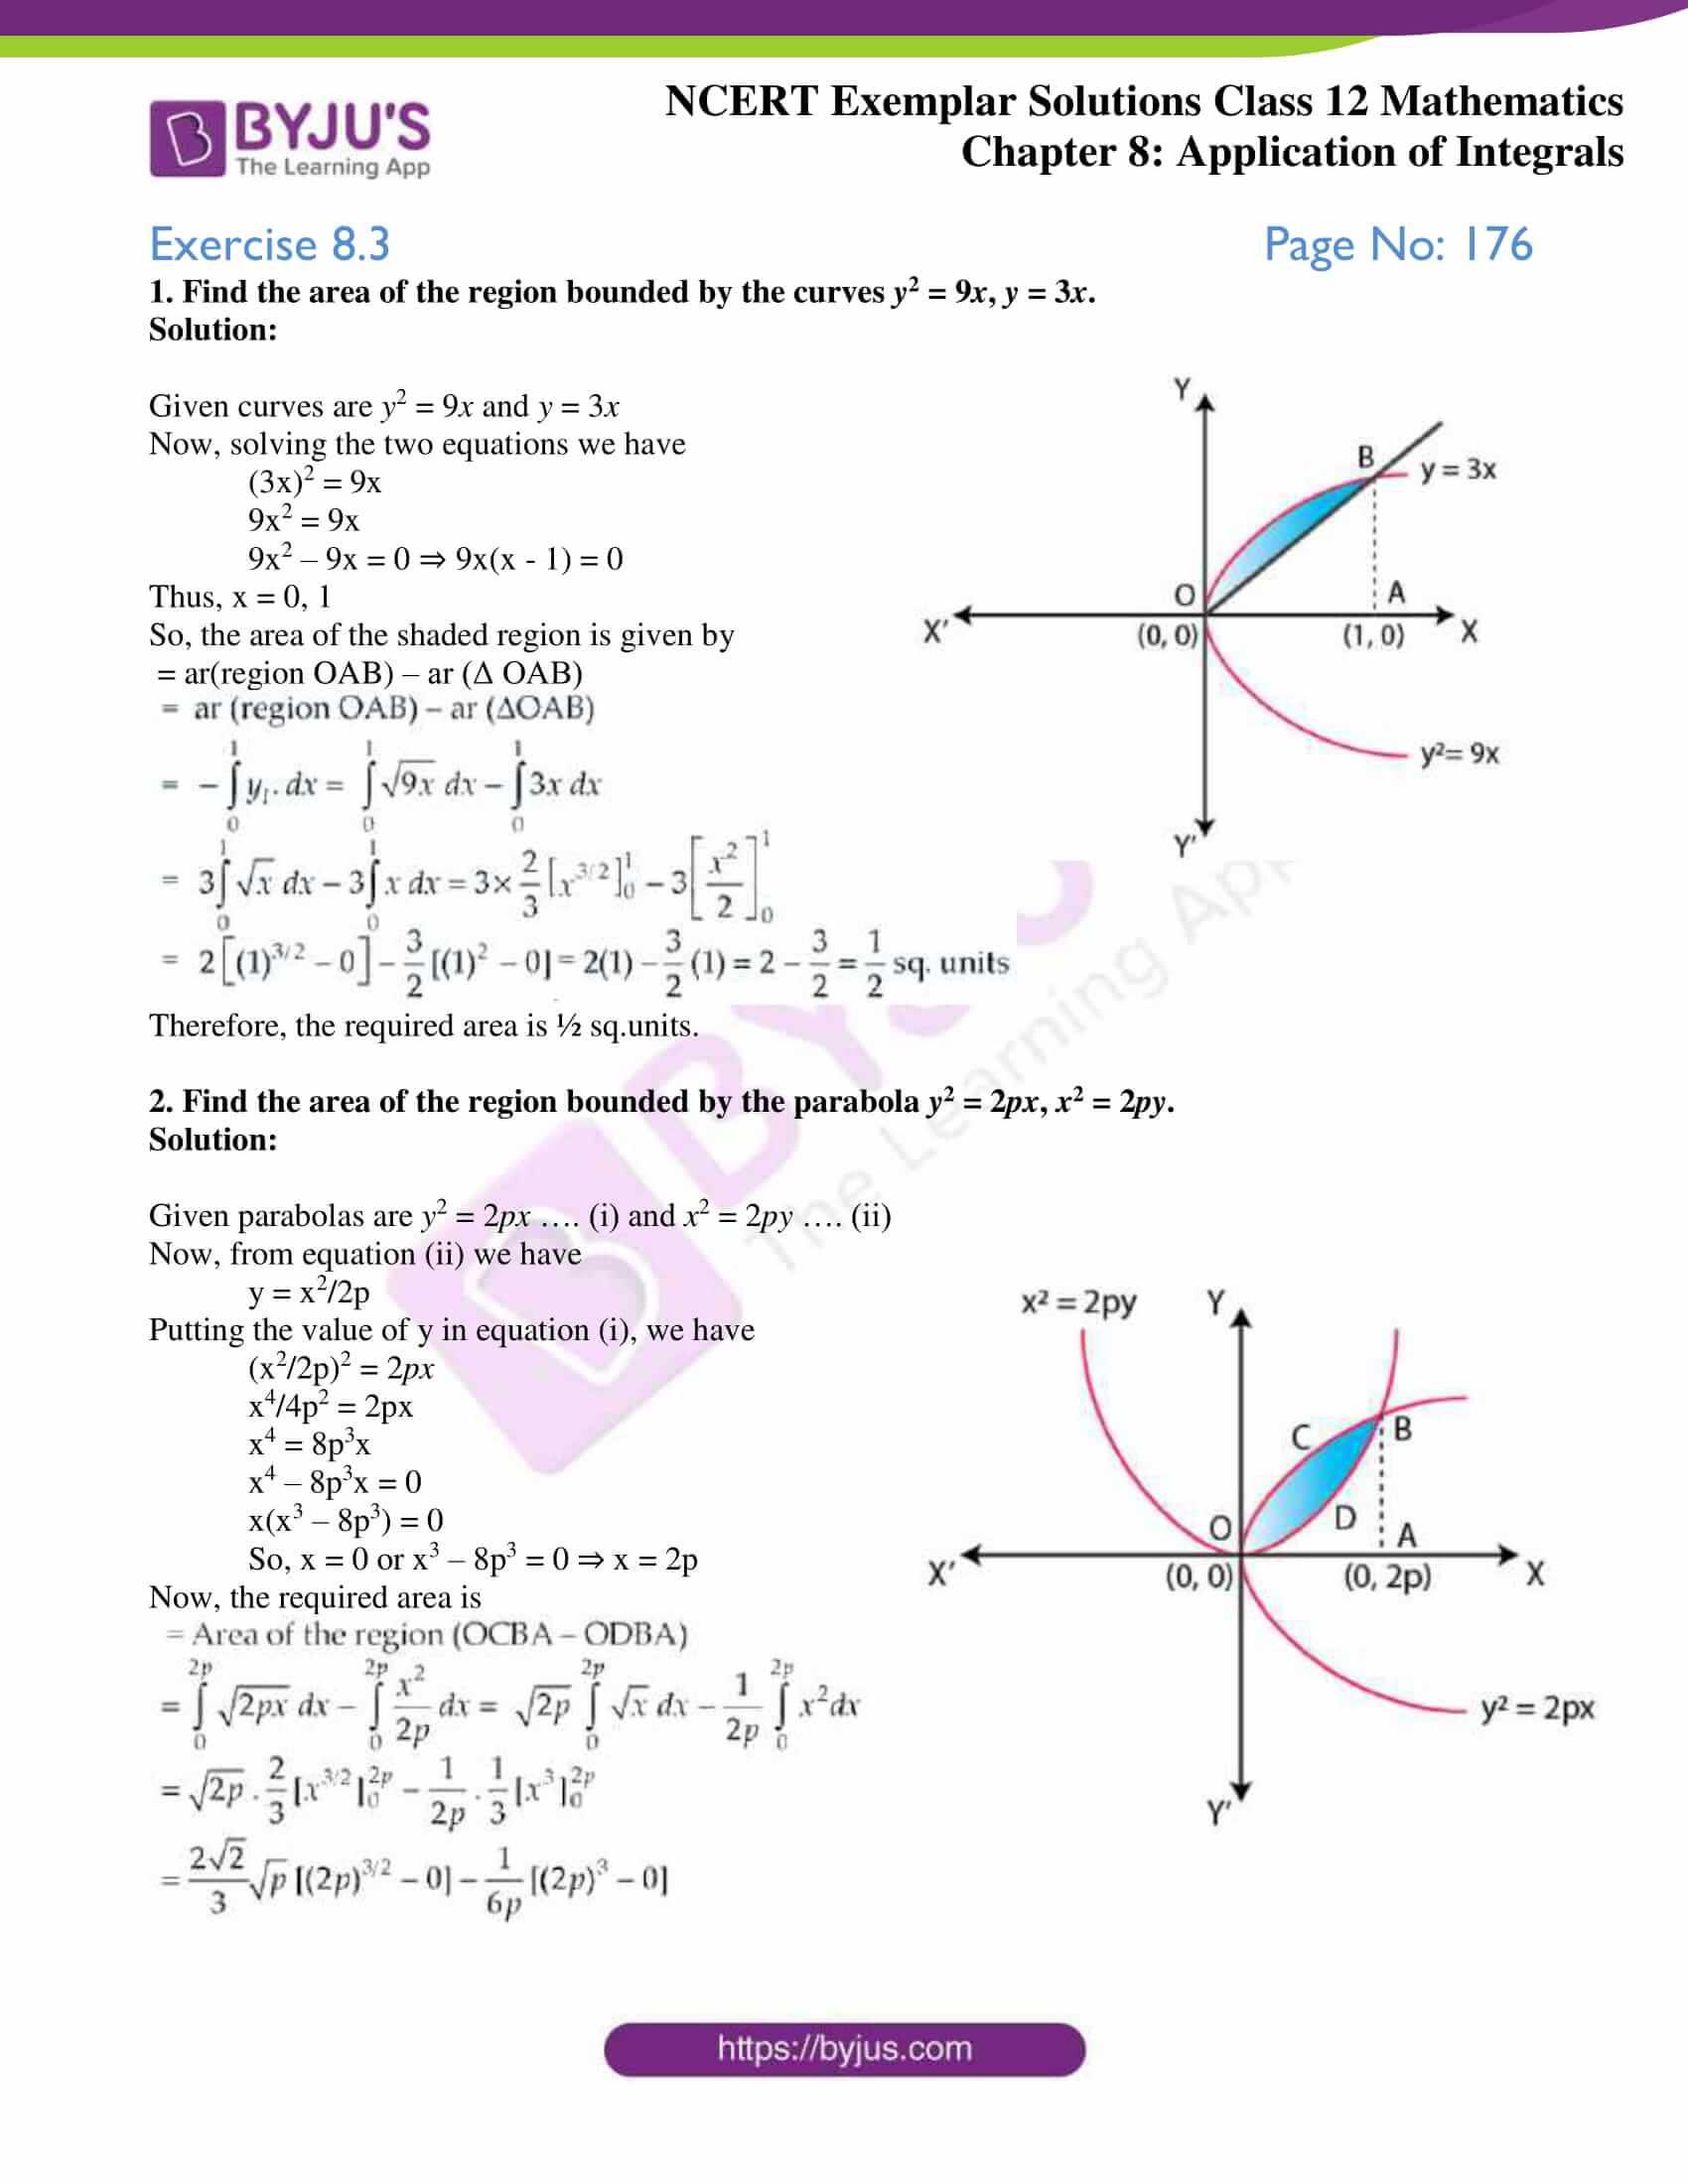 ncert exemplar sol class 12 mathematics ch 8 1